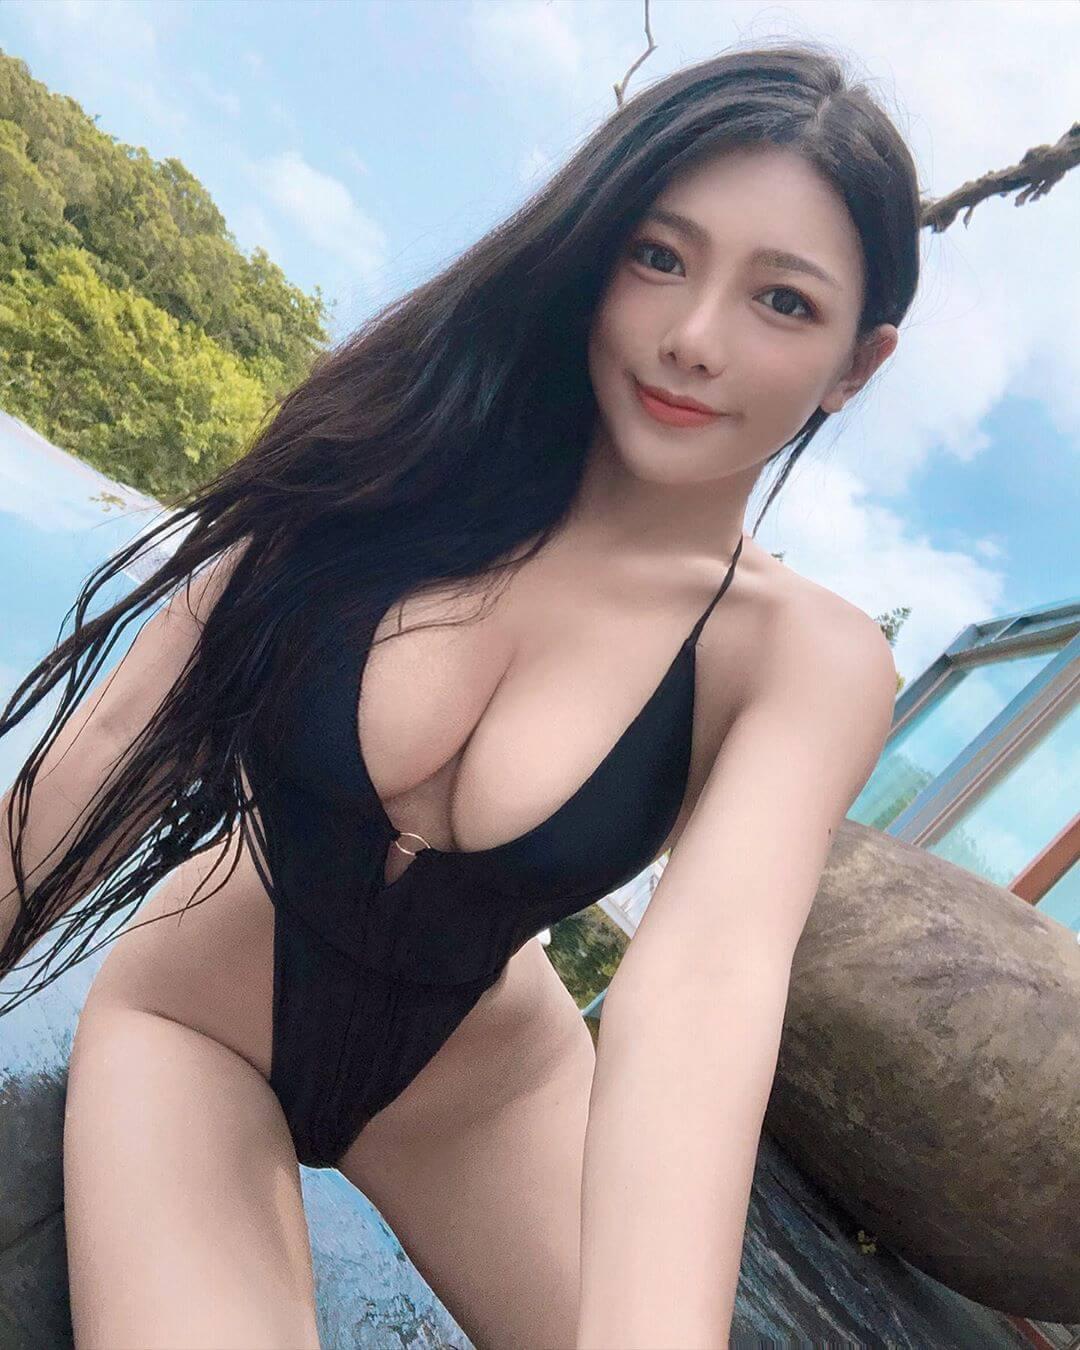 Iris 霍萱